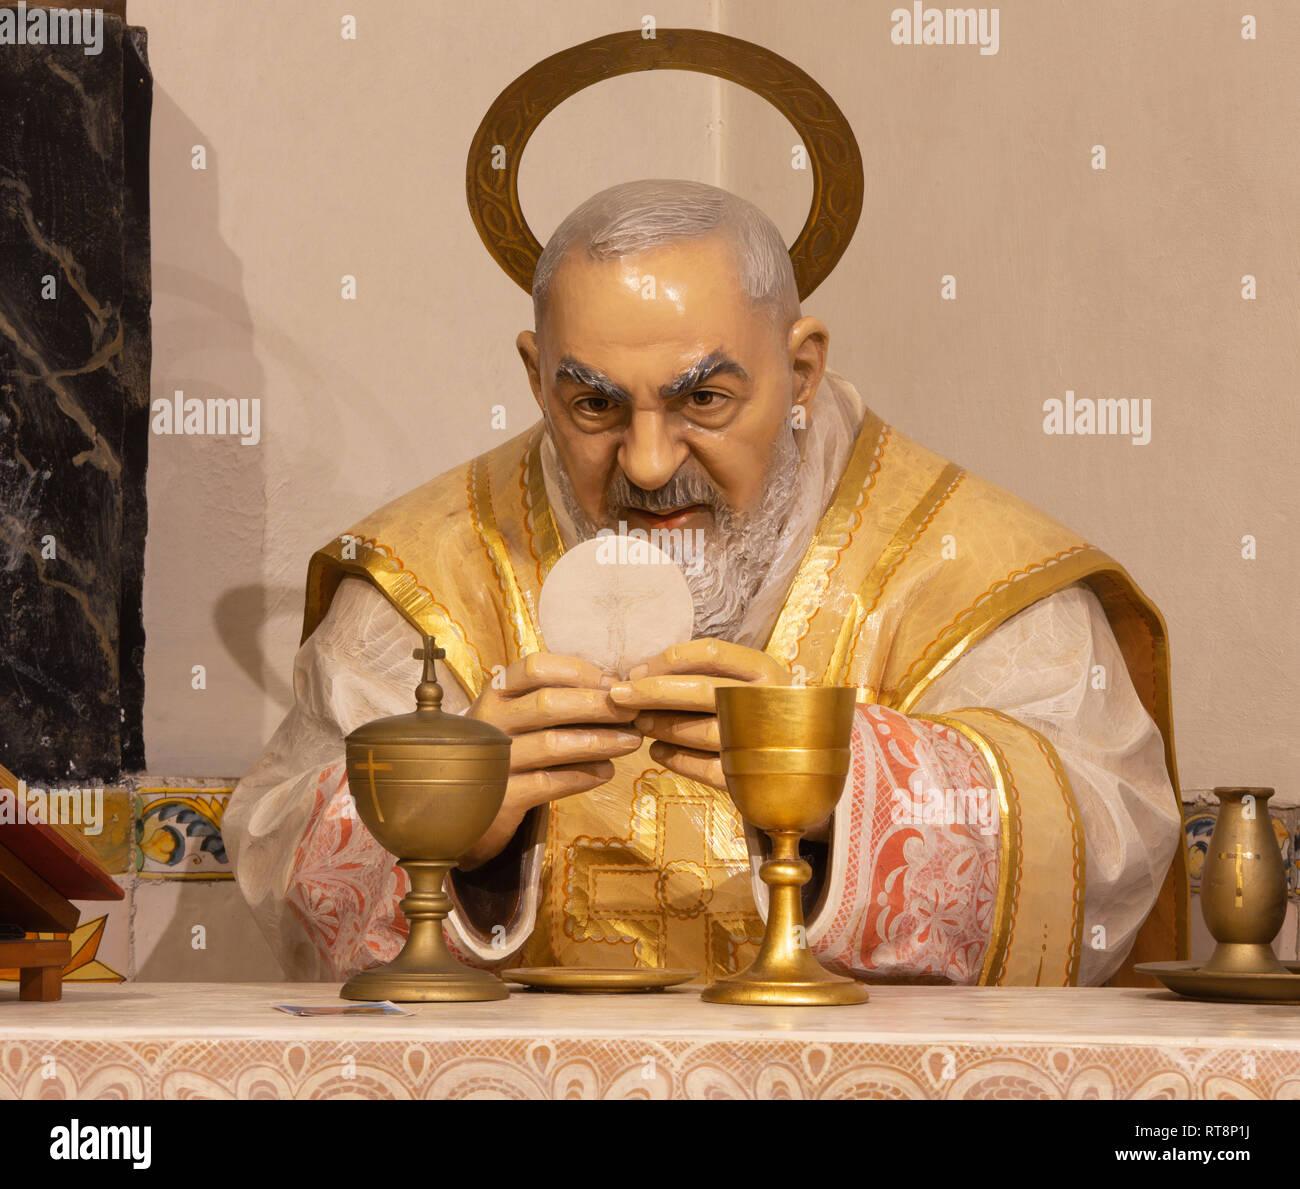 PALMA DE MALLORCA, Spagna - 29 gennaio 2019: Il policromo scolpito la statua di Padre Pio da Pietrelcina alla messa nella chiesa dei Cappuccini. Immagini Stock